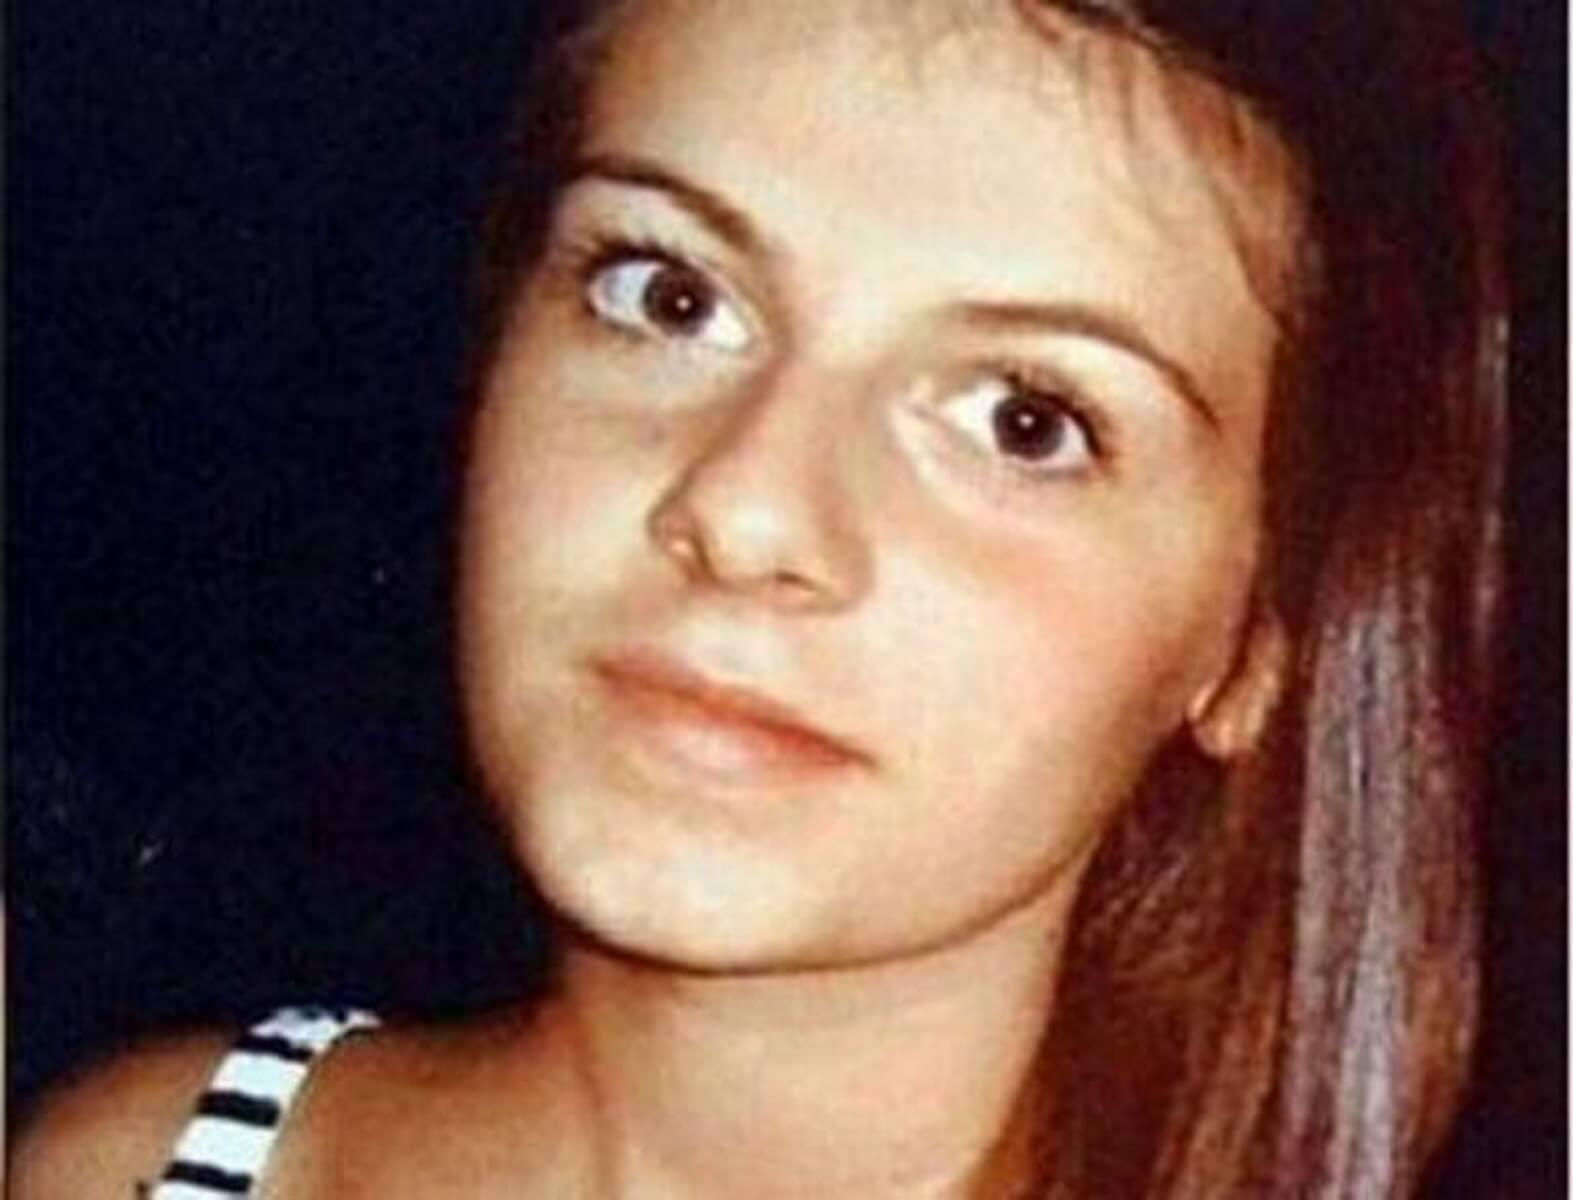 """Πρέβεζα: """"Διασύρθηκε ένας αθώος για τον θάνατο της 16χρονης"""" – Η αντίδραση Κούγια μετά την αθώωση του ταξιτζή!"""